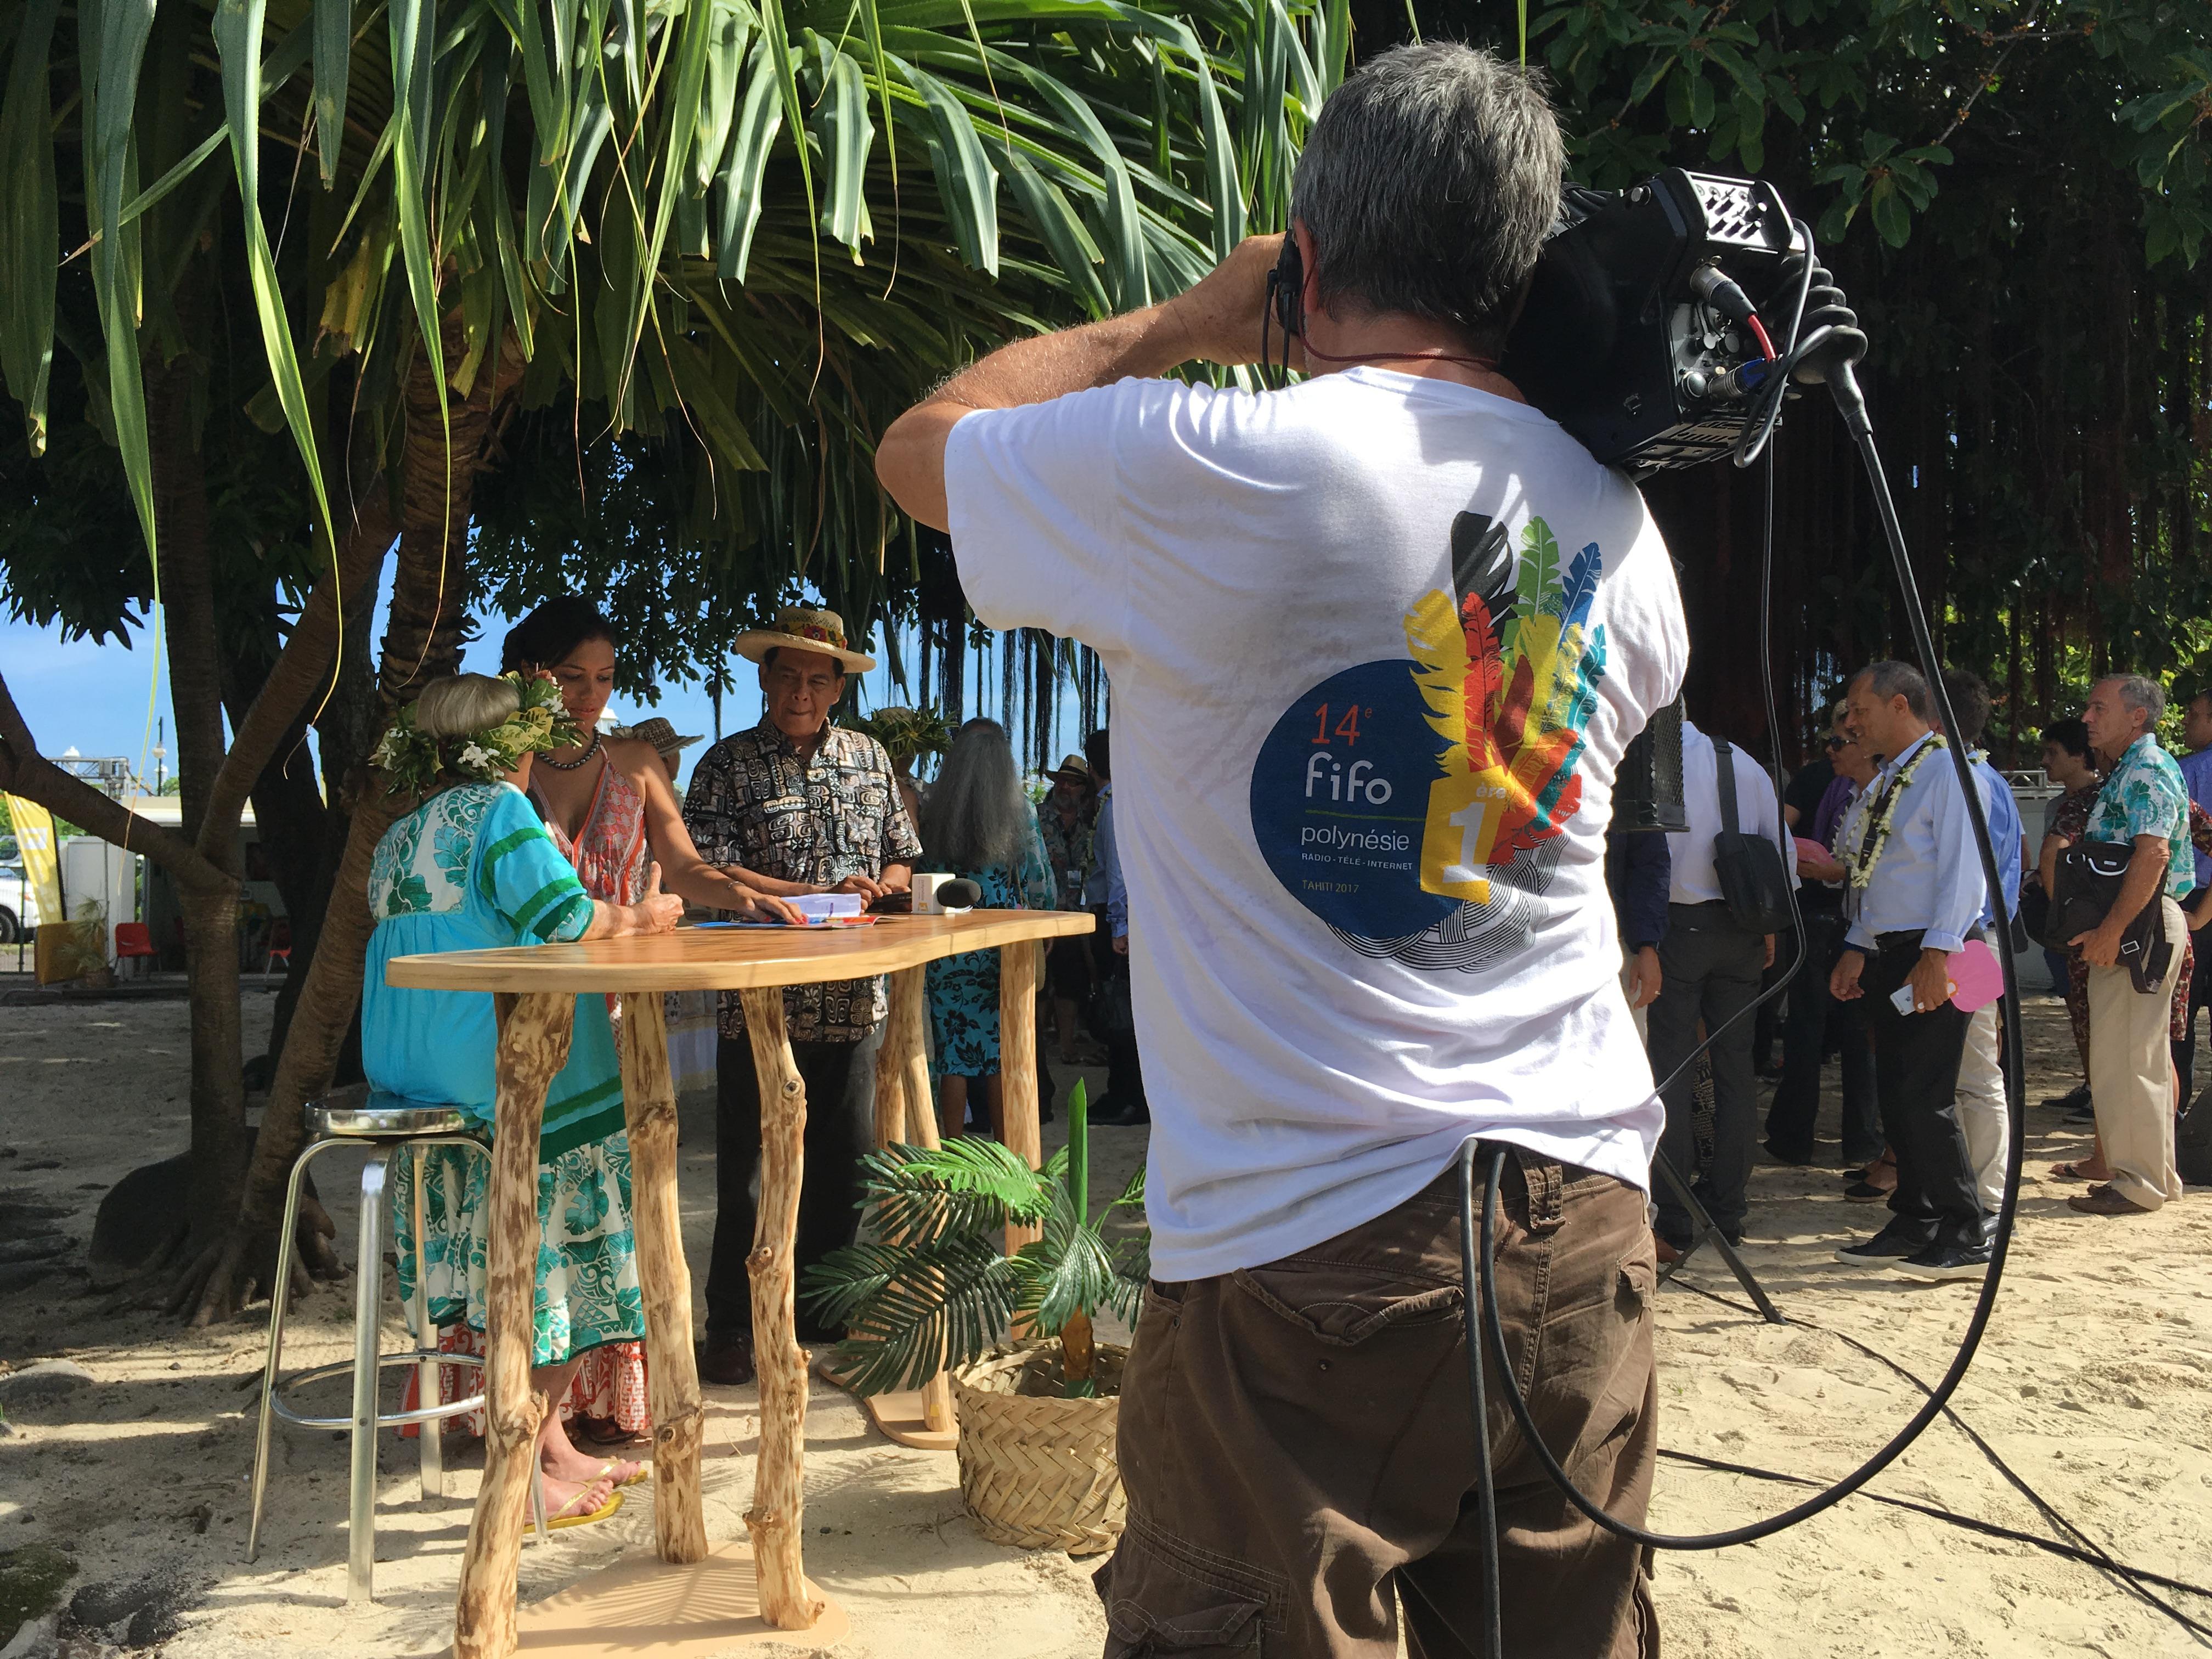 Polynésie 1ère à la cérémonie d'ouverture du FIFO © Cédric Mal